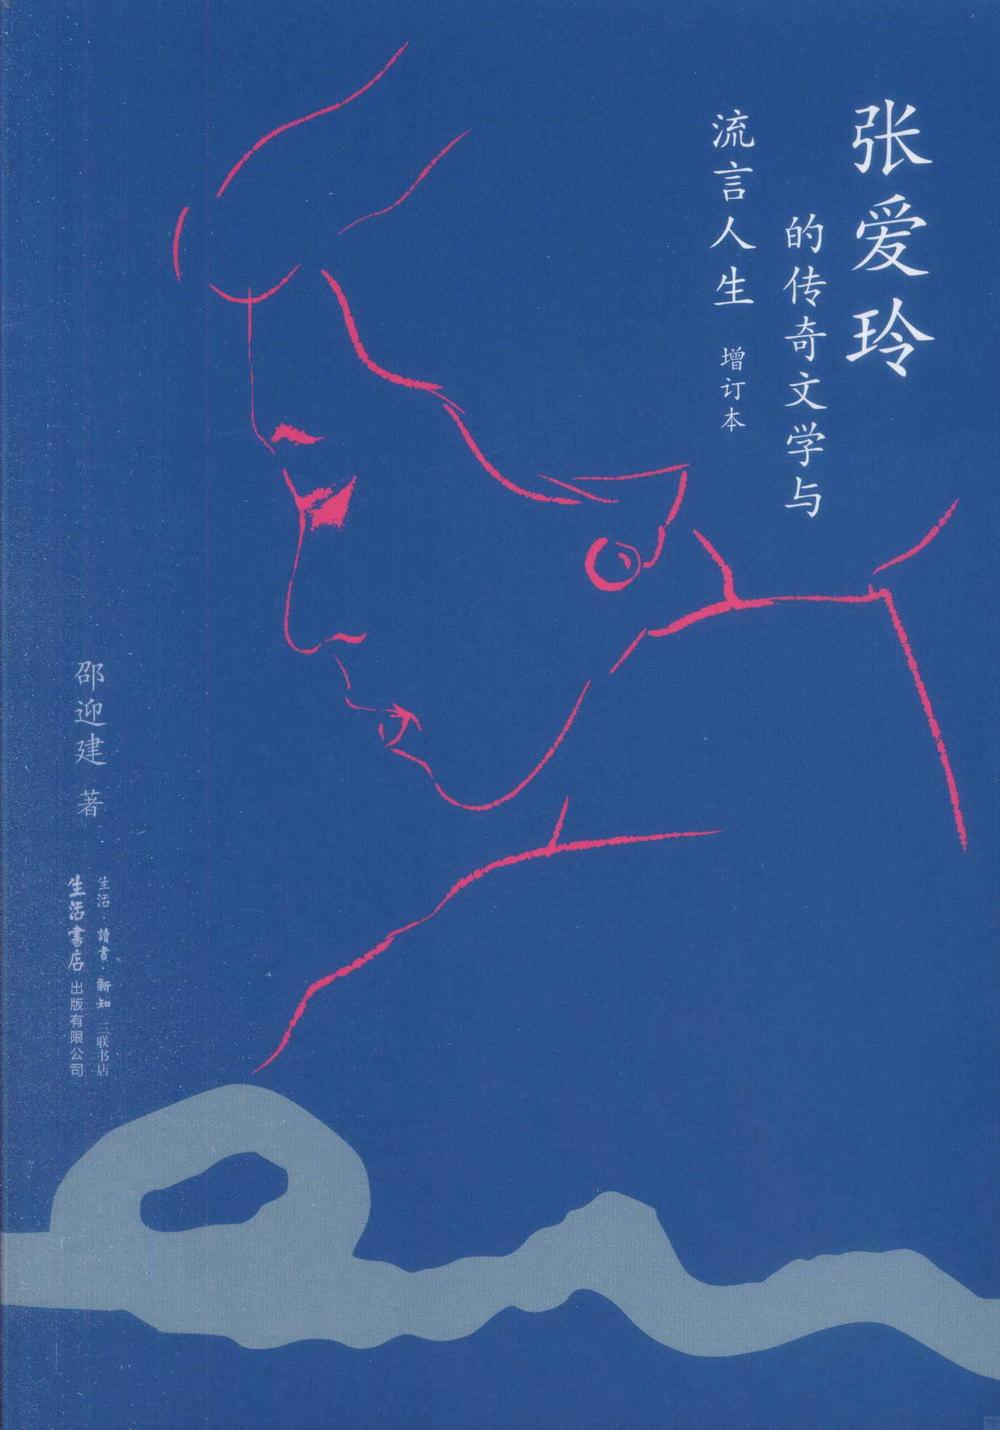 張愛玲的傳奇文學與流言人生(增訂本)